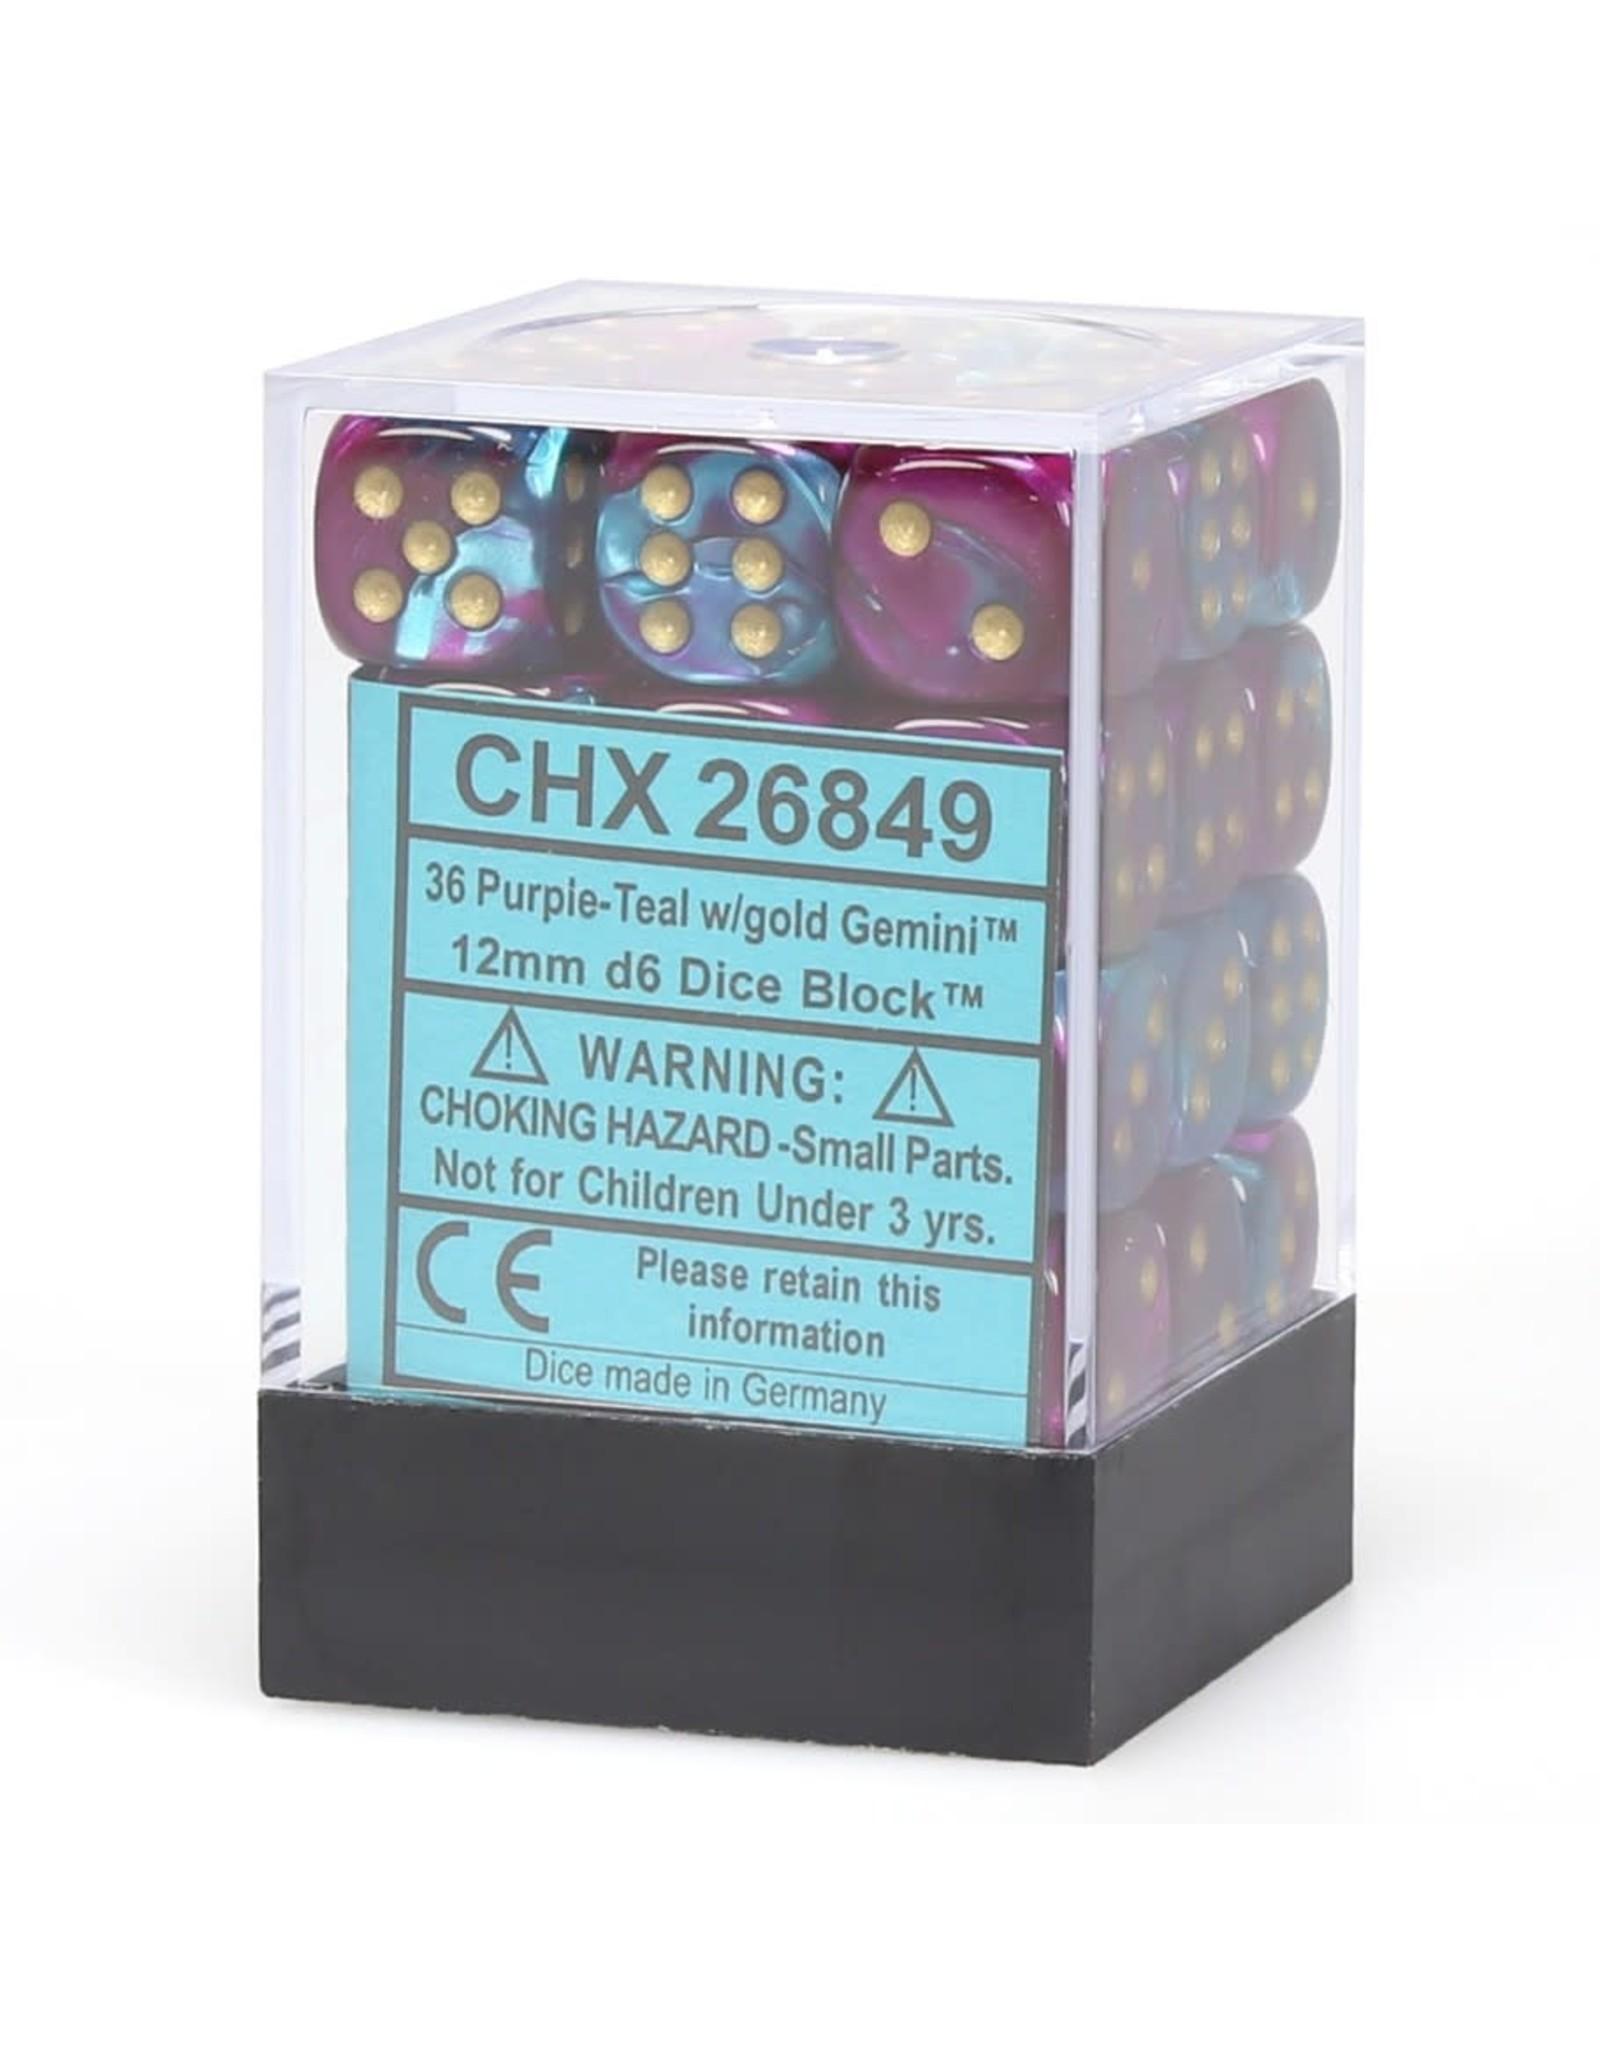 Chessex d6 12mm 36 Dice Set Gemini Purple-Teal w/Gold CHX26849